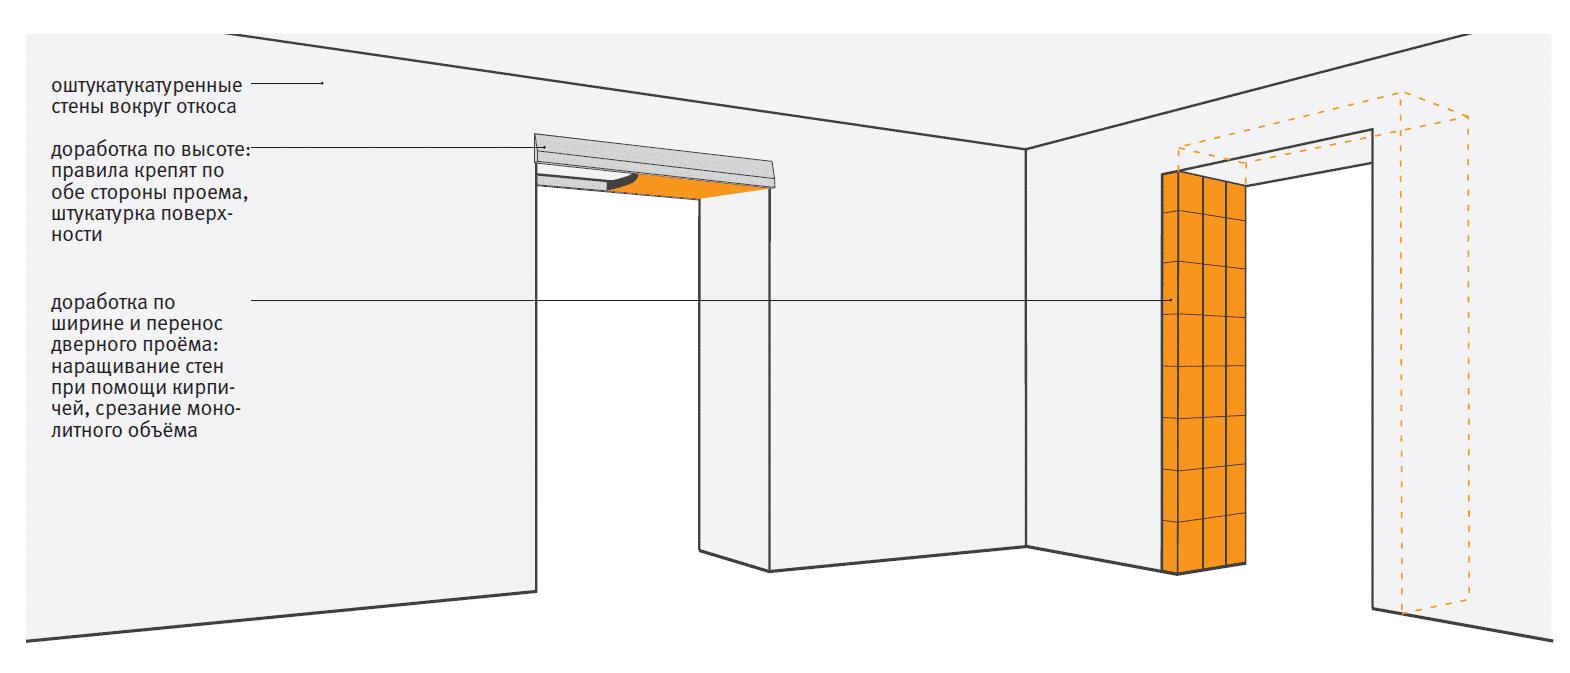 Как уменьшить дверной проем кирпичом | Как уменьшить дверной проем: по ширине, по высоте, гипсокартоном, брусом, кирпичом